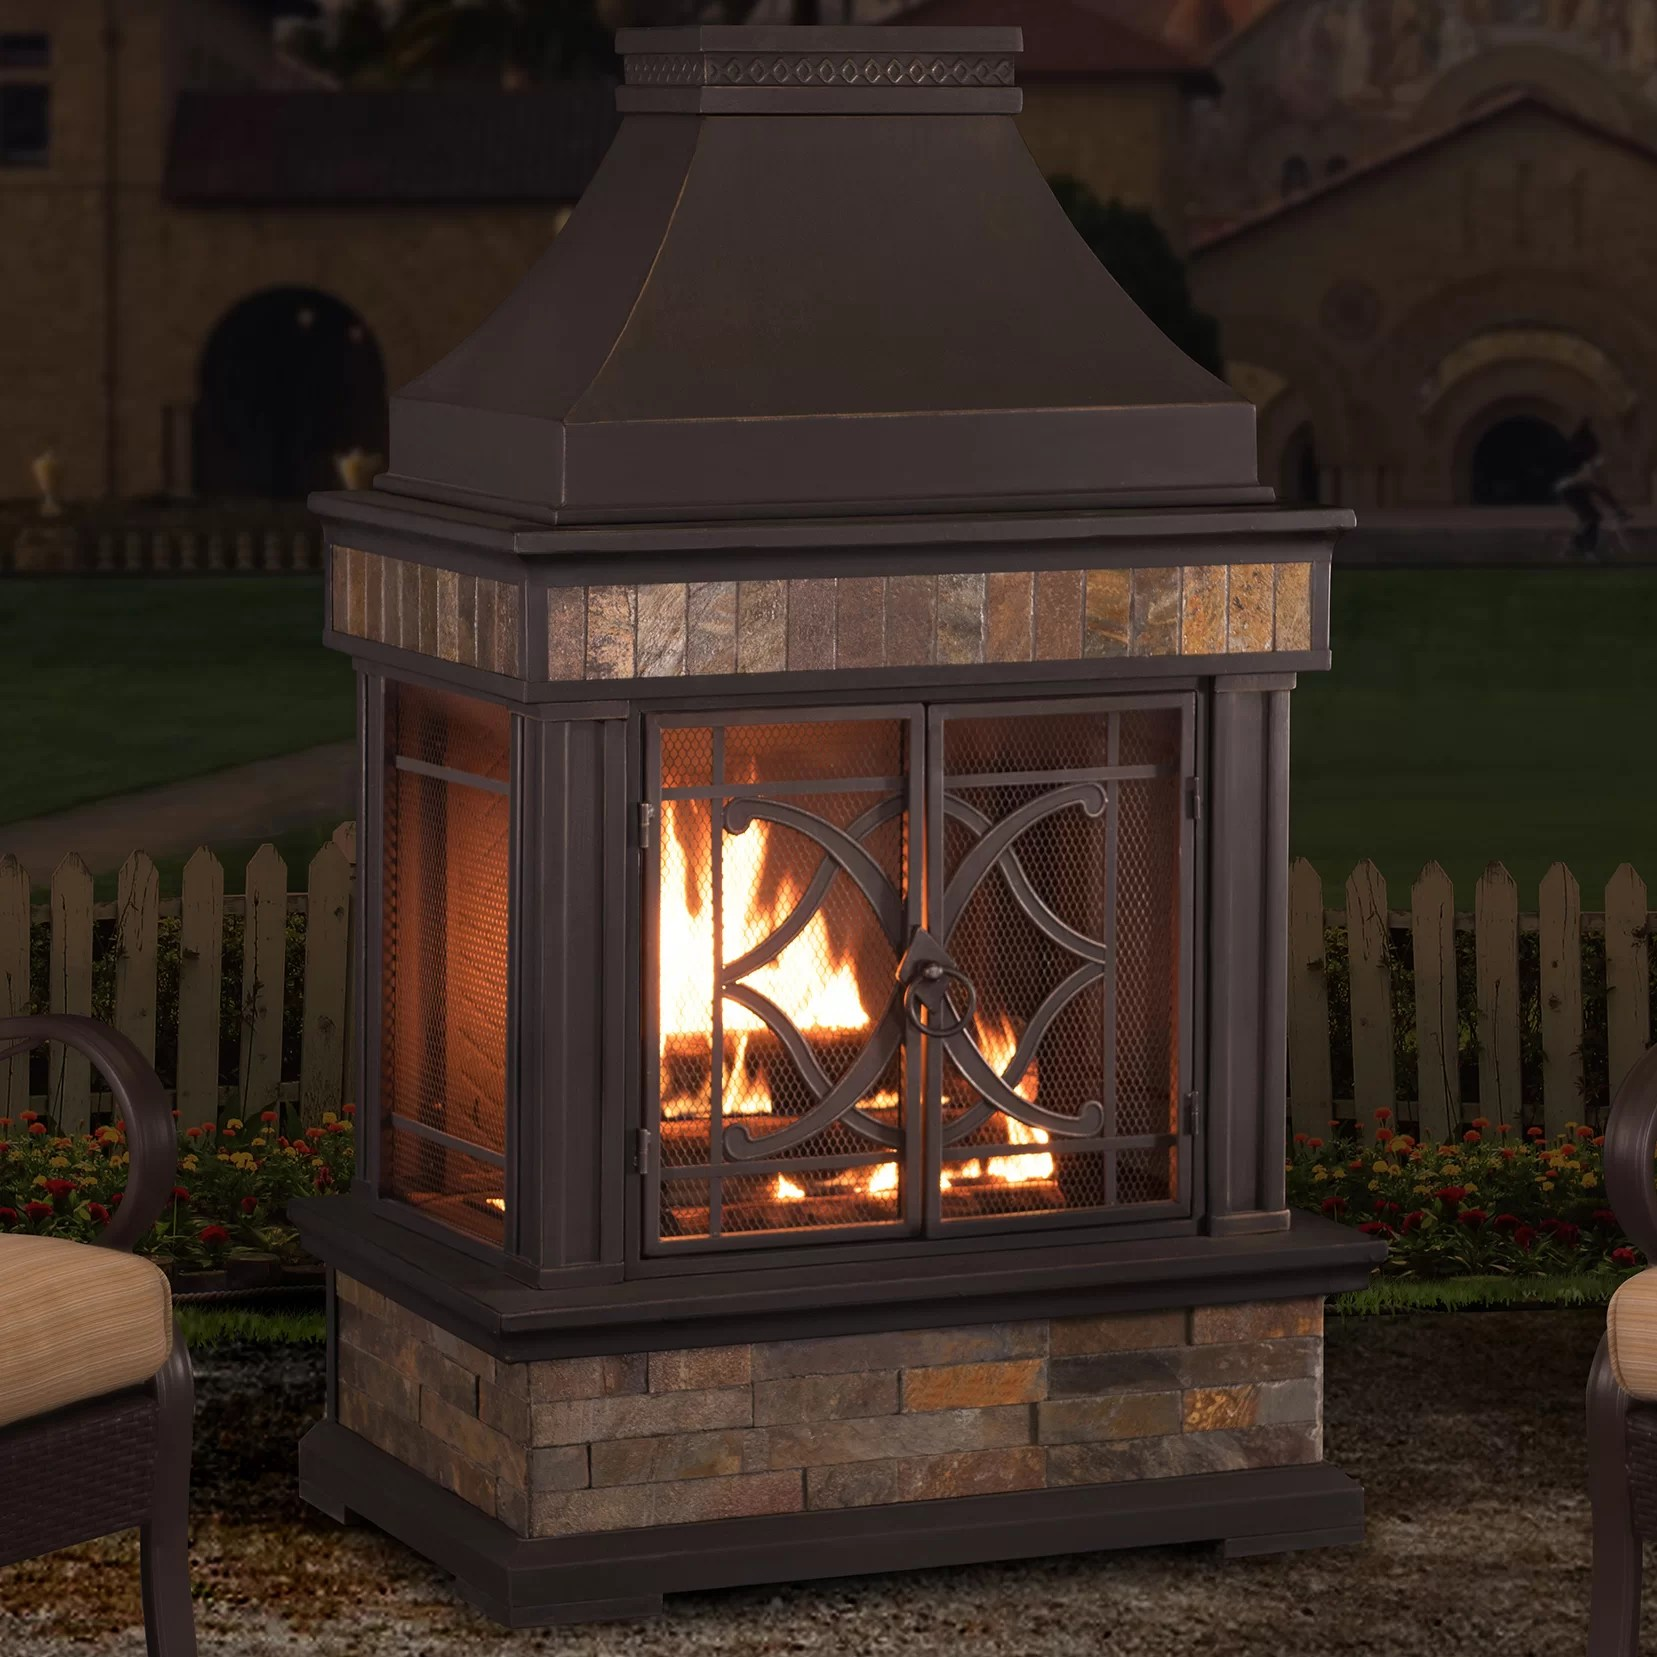 Sunjoy Heirloom Steel Wood Burning Outdoor Outdoor Fireplace  Reviews  Wayfair